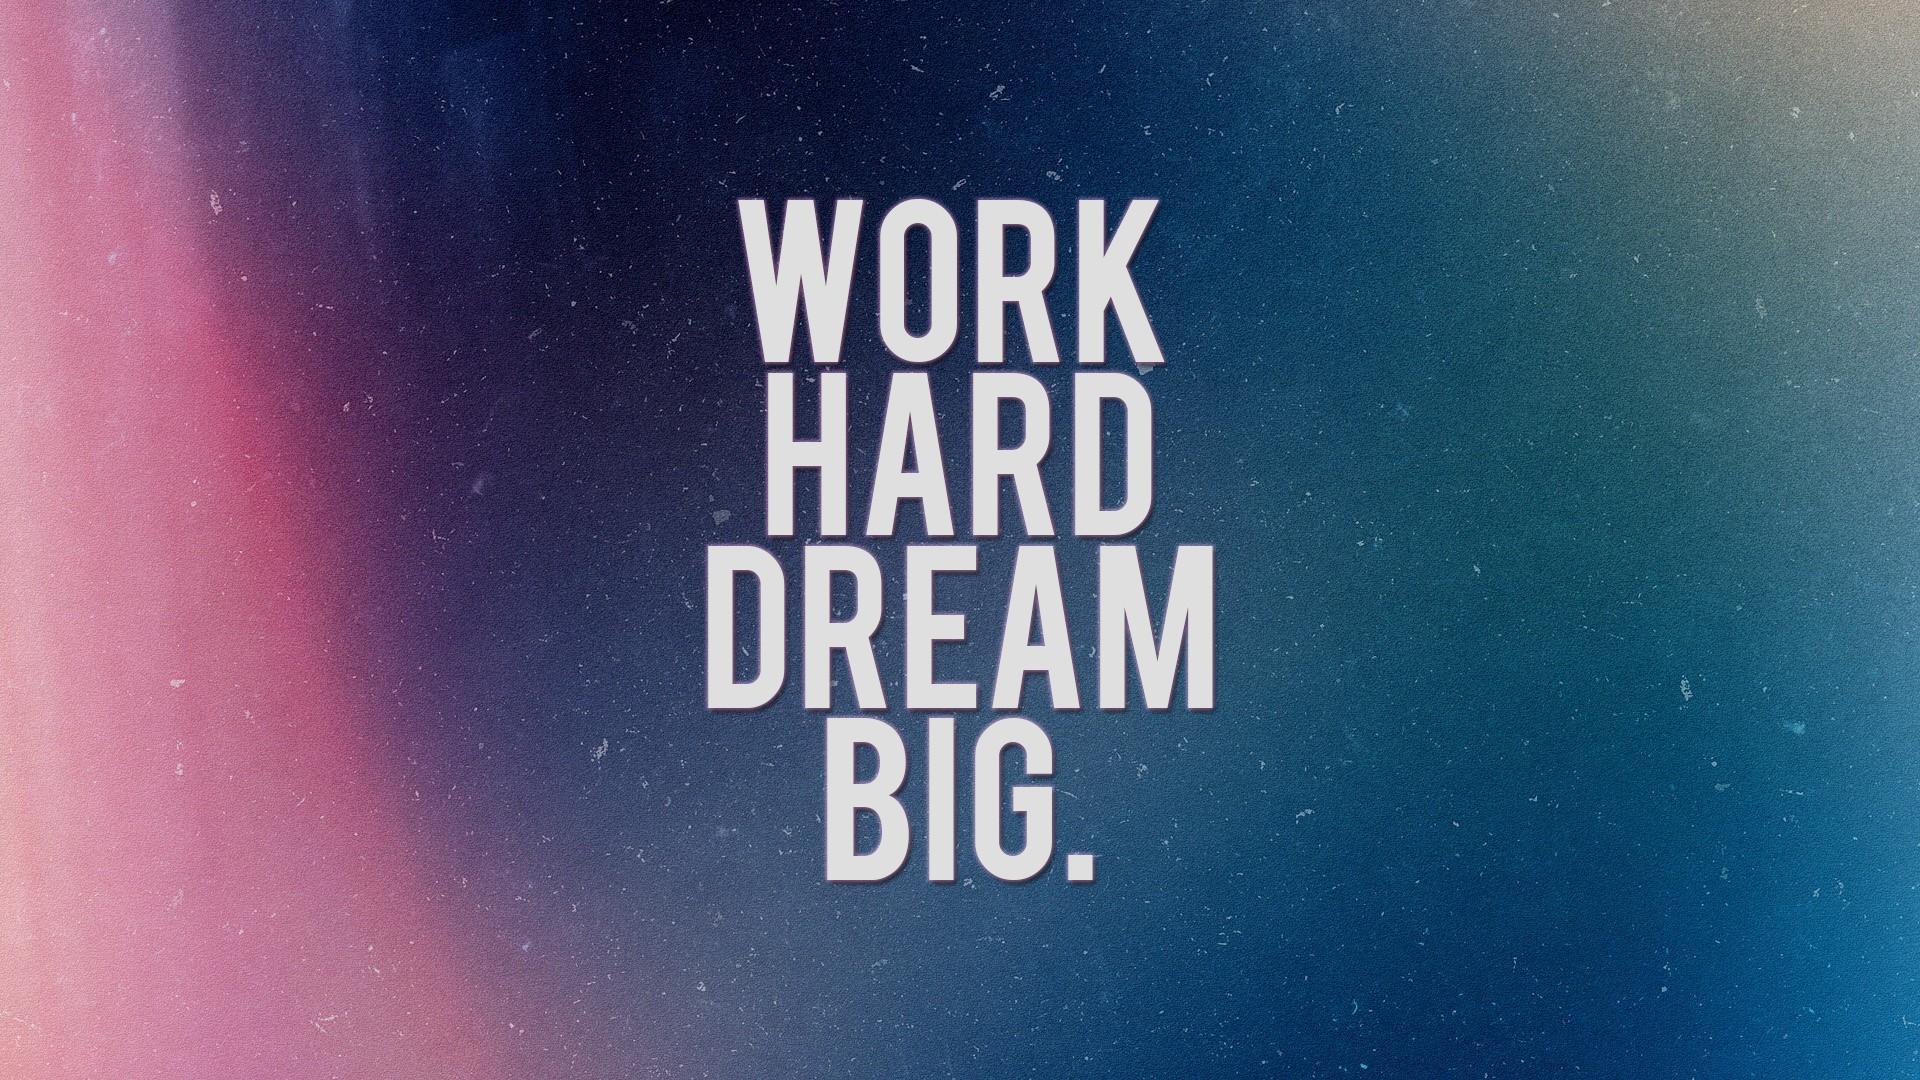 Work Hard Dream Big HD Wallpaper 1920x1080 ID35587 1920x1080